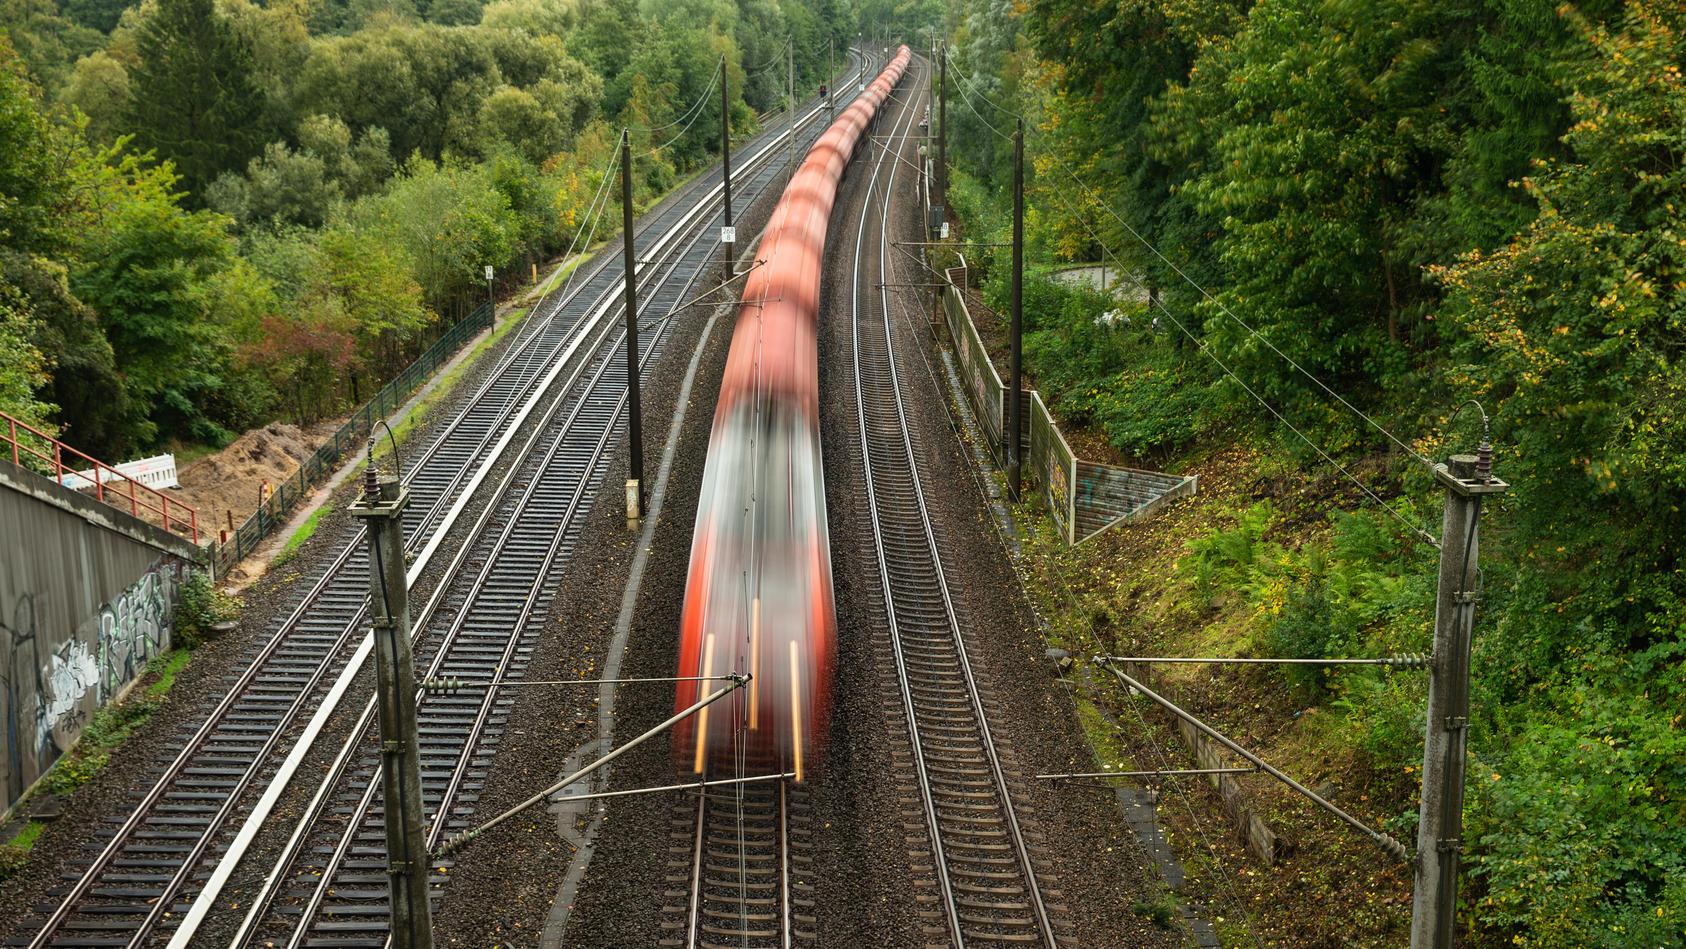 Der Schnellzug Strizh verbindet Berlin mit Moskau. An der Grenze wurde Dienstagbend ein erhöhter radioaktiver Wert an einem der Waggons gemessen. (Symbolbild)